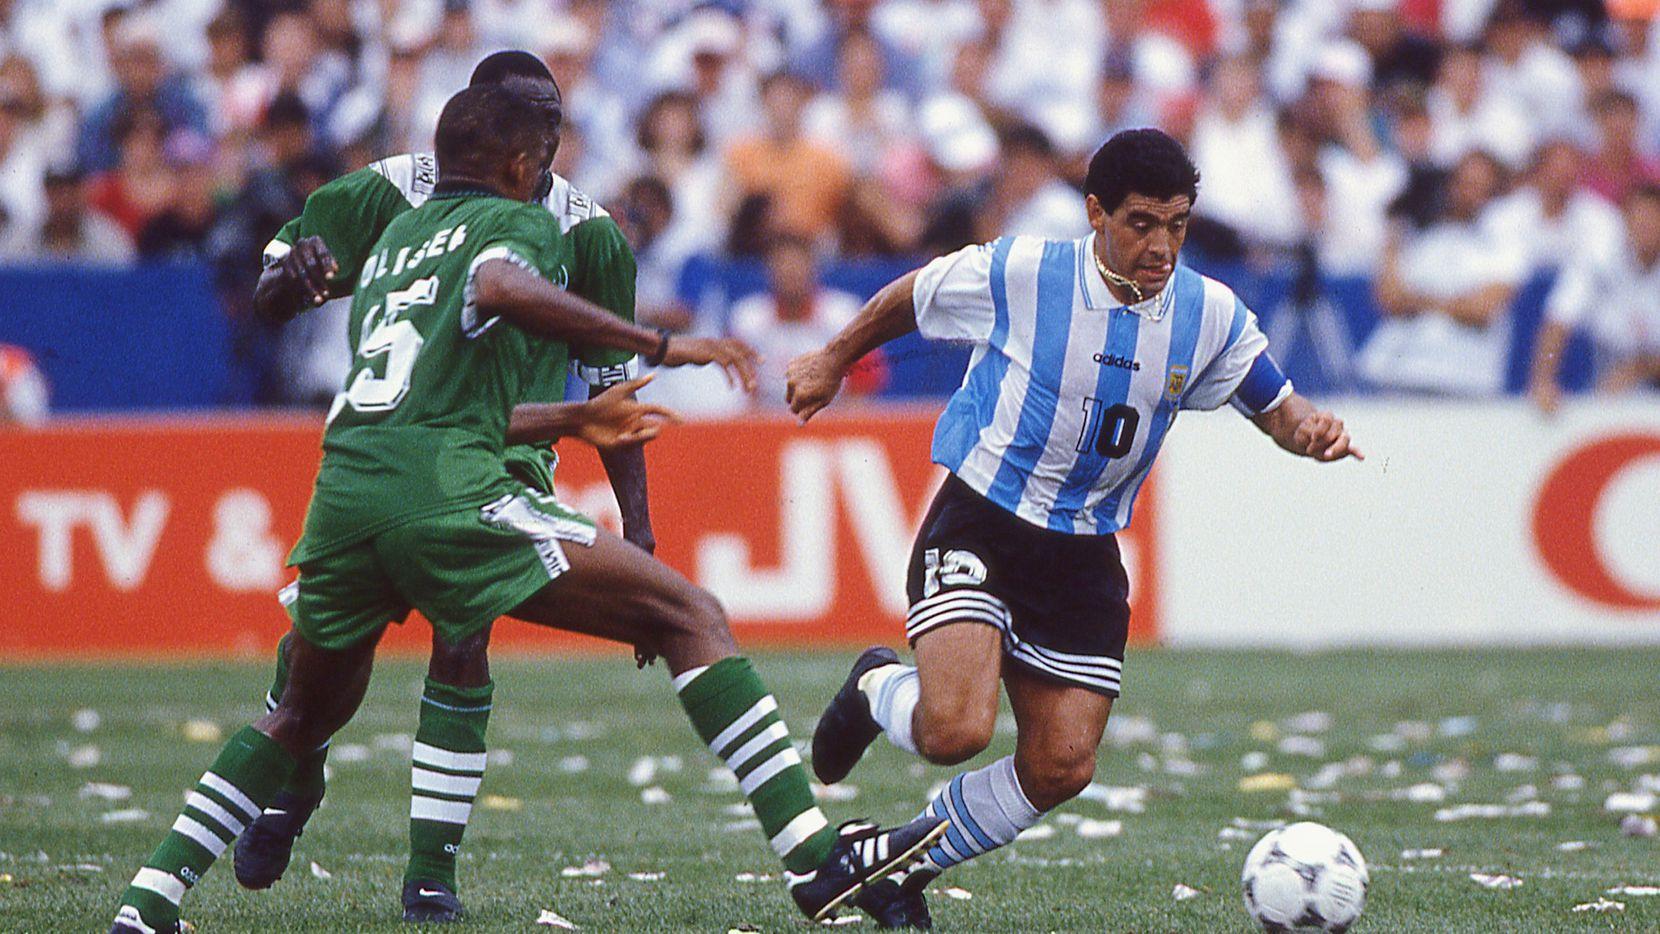 Diego Maradona (der) conduce el balón ante defensores de la selección de Nigeria en el partido de la Copa del Mundo efectuado en el Foxboro Stadium de Boston, el 25 de junio de 1994.